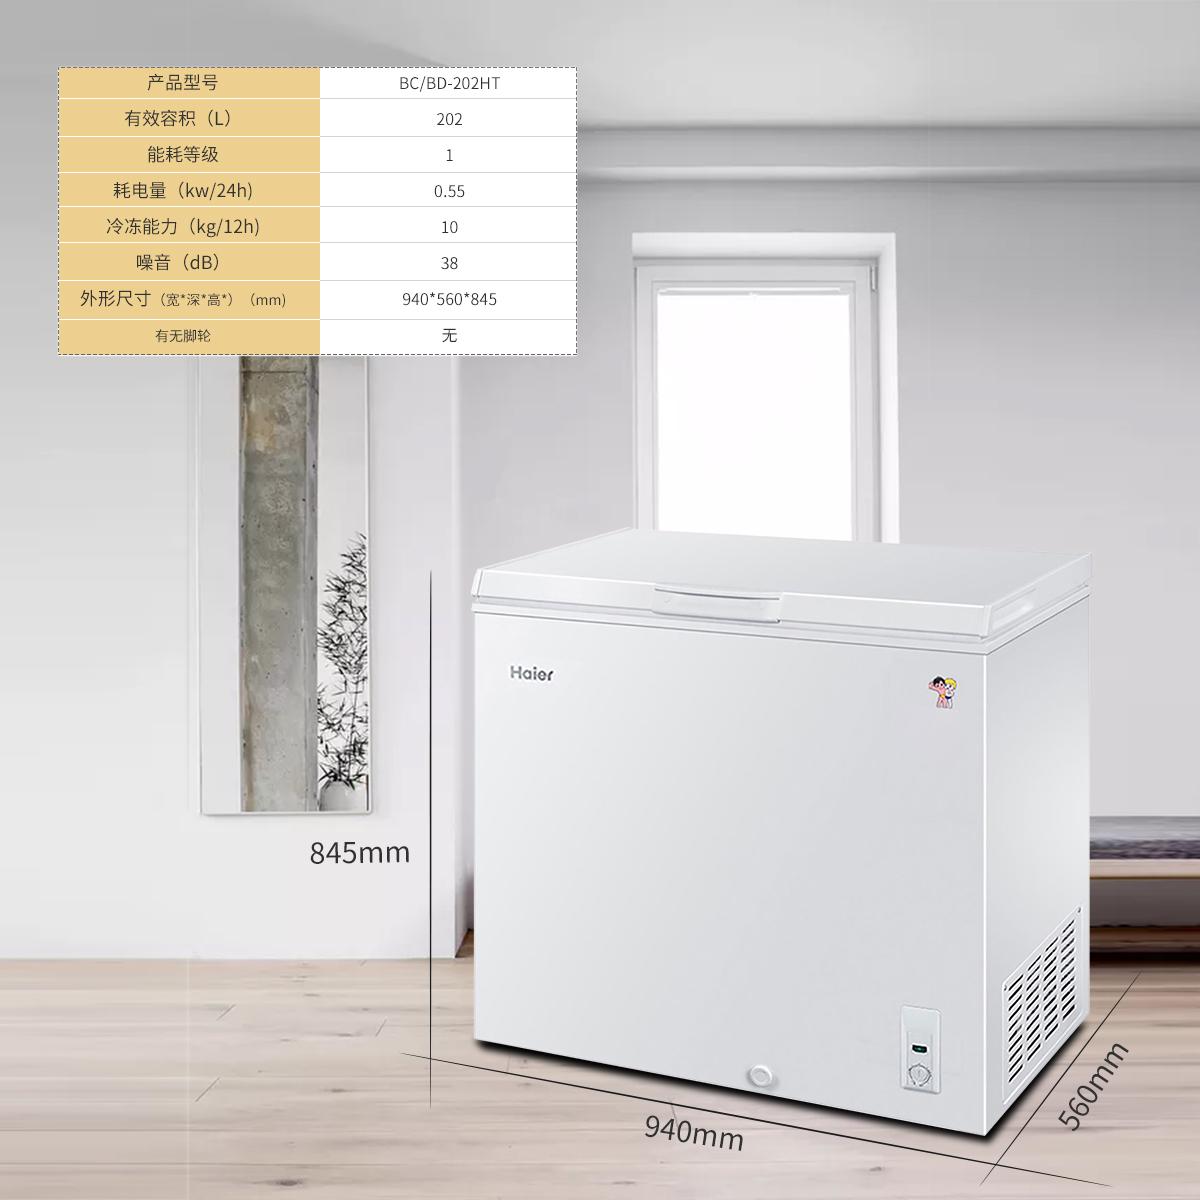 升家用节能冷藏冷冻小冰柜 202HT202 BD BC 海尔 Haier